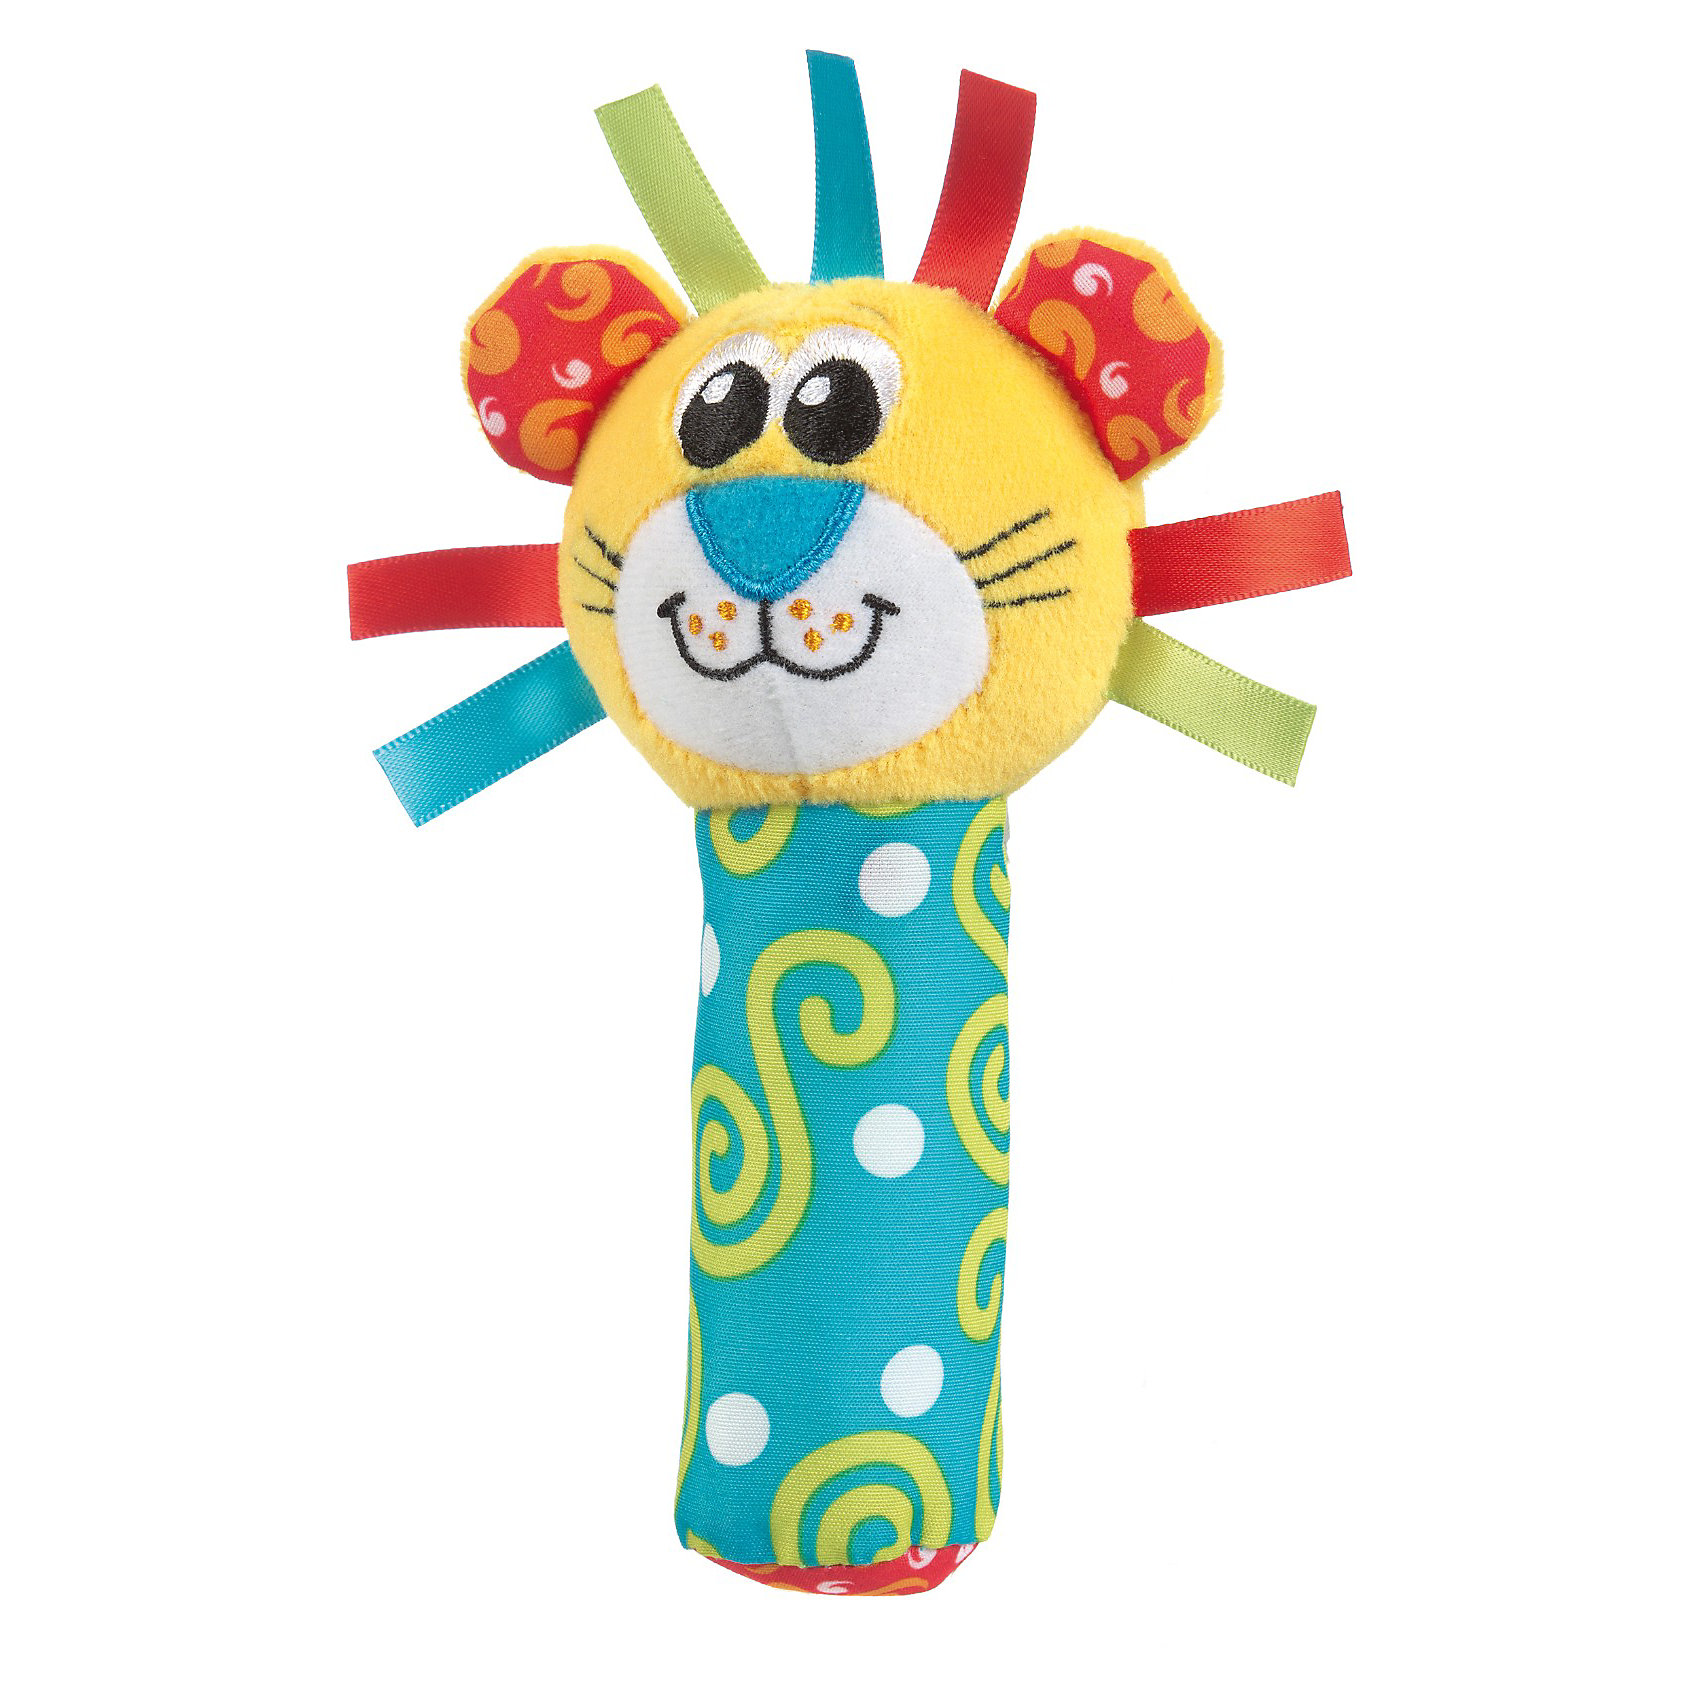 Игрушка-пищалка Лев, PlaygroИгрушка-пищалка Лев, Playgro (Плейгро) подарит малышу новые впечатления и радостную улыбку.<br>Яркая игрушка-пищалка Лев привлечет внимание вашего малыша и не позволит ему скучать. Она выполнена из текстильных материалов разных цветов и фактур в виде головы льва с широкой улыбкой на мордочке, и шикарной гривой из атласных лент, которая крепится к мягкой ручке. Внутри ручки спрятана пищалка. Стоит малышу сжать ручку игрушки, как он услышит забавный звук. Игрушка очень удобна, легко поместится в маленьких детских руках. Малыш сможет ее держать, трясти, перекладывать из одной ручки в другую. Игрушка-пищалка Лев  способствует развитию мышления, координации движений, звукового и цветового восприятия, тактильных ощущений, совершенствует моторику нежных пальчиков малыша. Изготовлена из безопасных для здоровья ребенка материалов.<br><br>Дополнительная информация:<br><br>- Материалы: плюш, хлопок, атлас<br>- Высота: 17 см.<br><br>Игрушку-пищалку Лев, Playgro (Плейгро) можно купить в нашем интернет-магазине.<br><br>Ширина мм: 100<br>Глубина мм: 210<br>Высота мм: 50<br>Вес г: 84<br>Возраст от месяцев: 0<br>Возраст до месяцев: 12<br>Пол: Унисекс<br>Возраст: Детский<br>SKU: 3599514